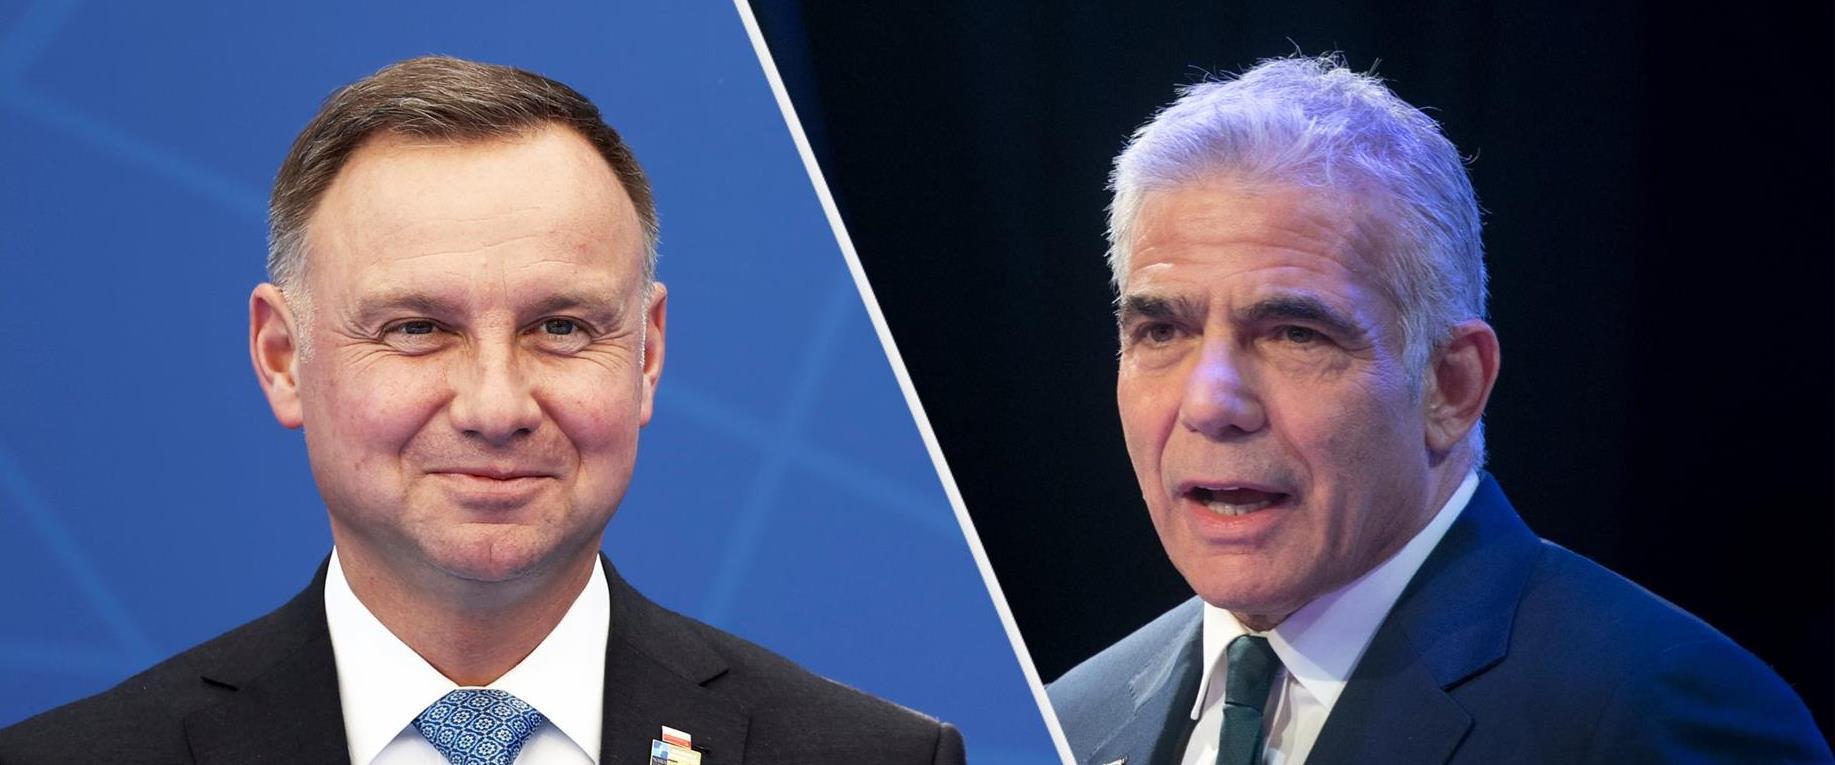 השר לפיד והנשיא הפולני